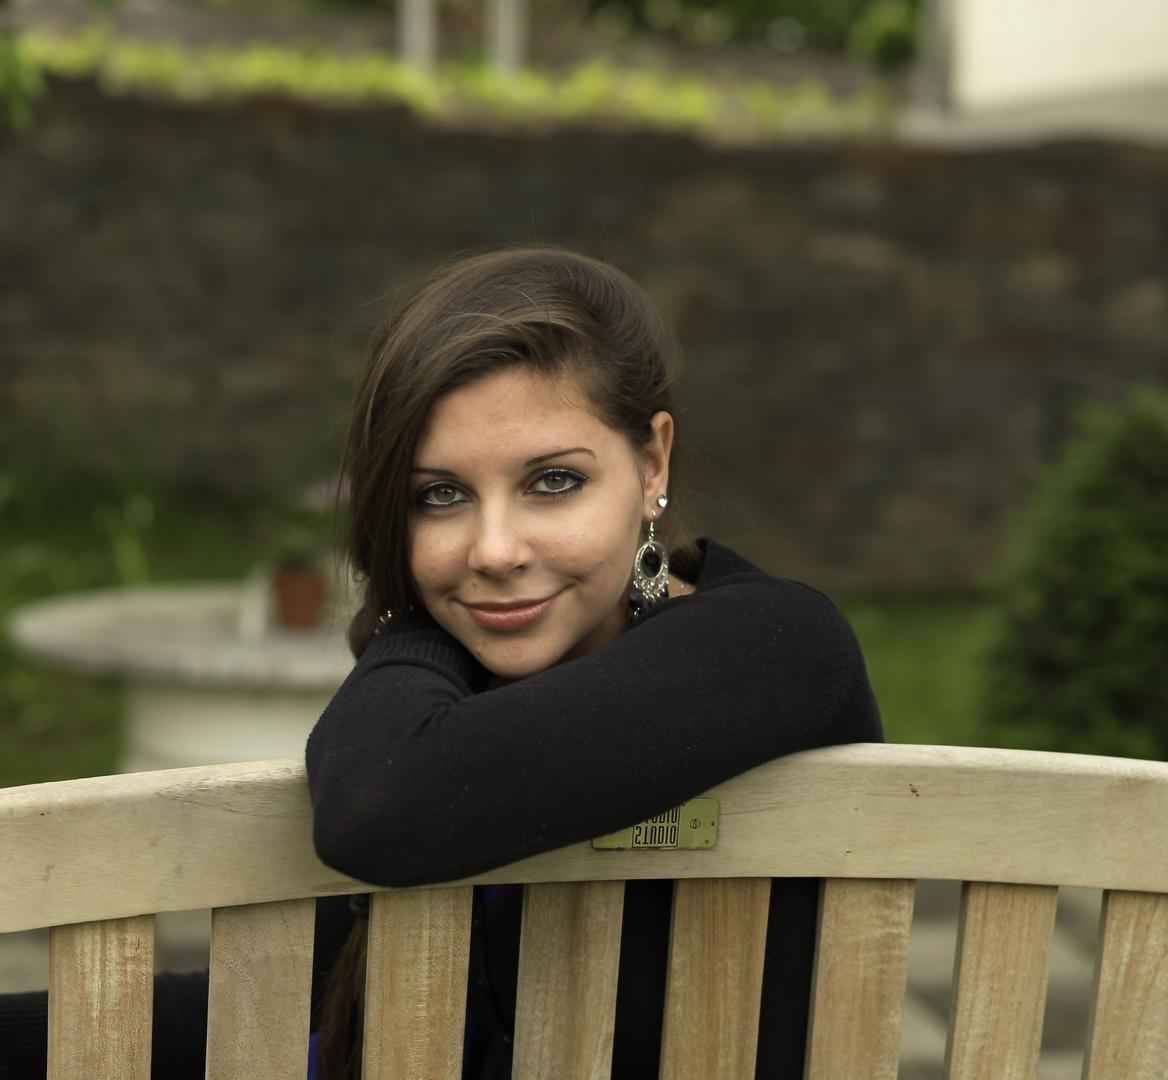 Portrait auf Gartenbank